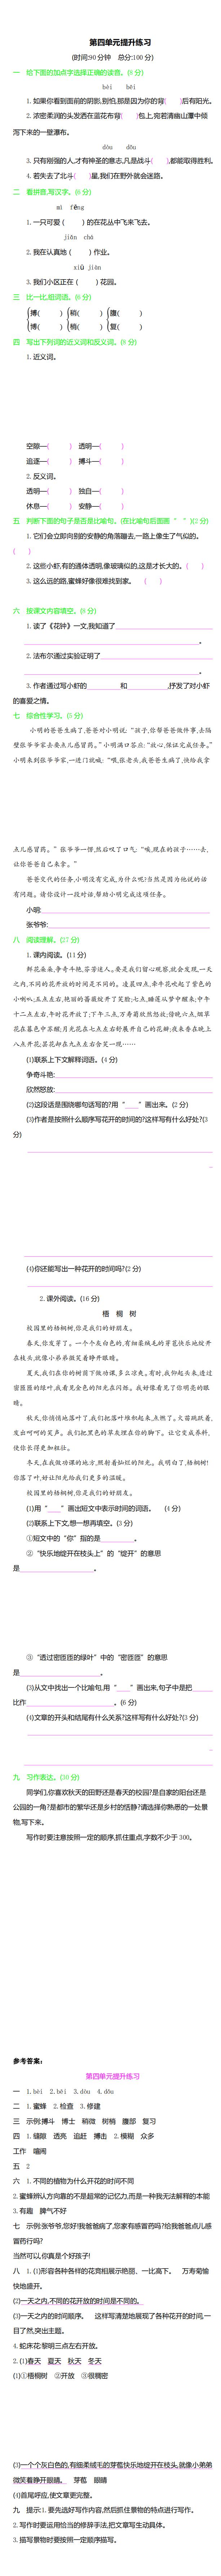 部编版语文三年级下册第四单元提升练习 (含答案)_0.png